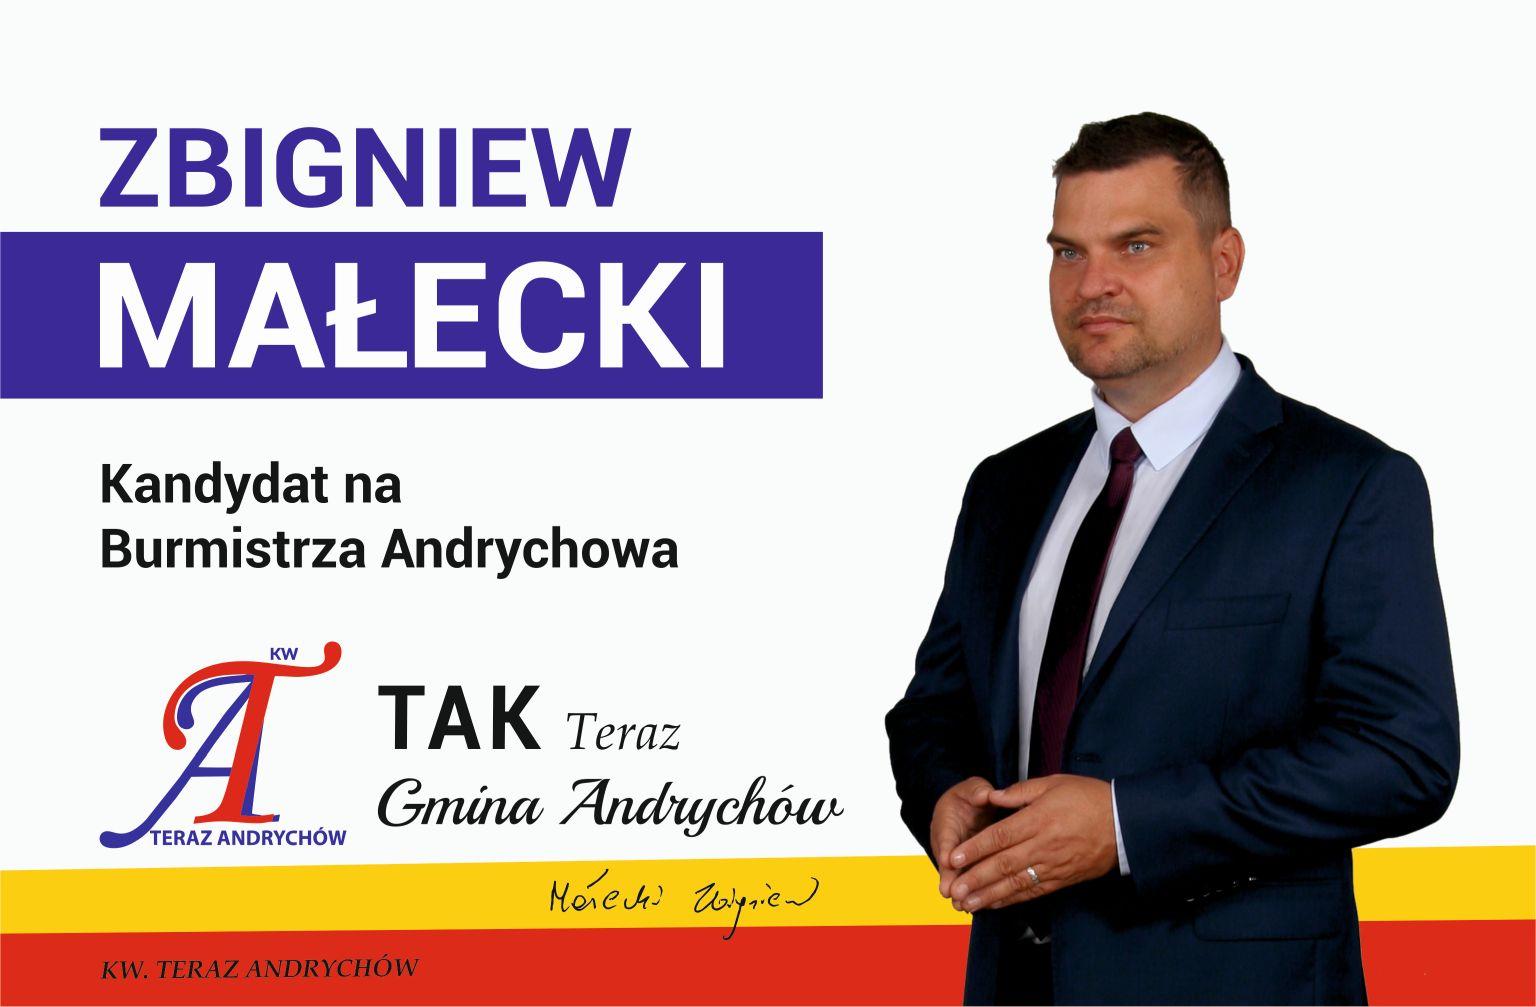 Zbigniew MAŁECKI – Kandydat Komitetu Wyborczego Teraz Andrychów na Burmistrza Andrychowa